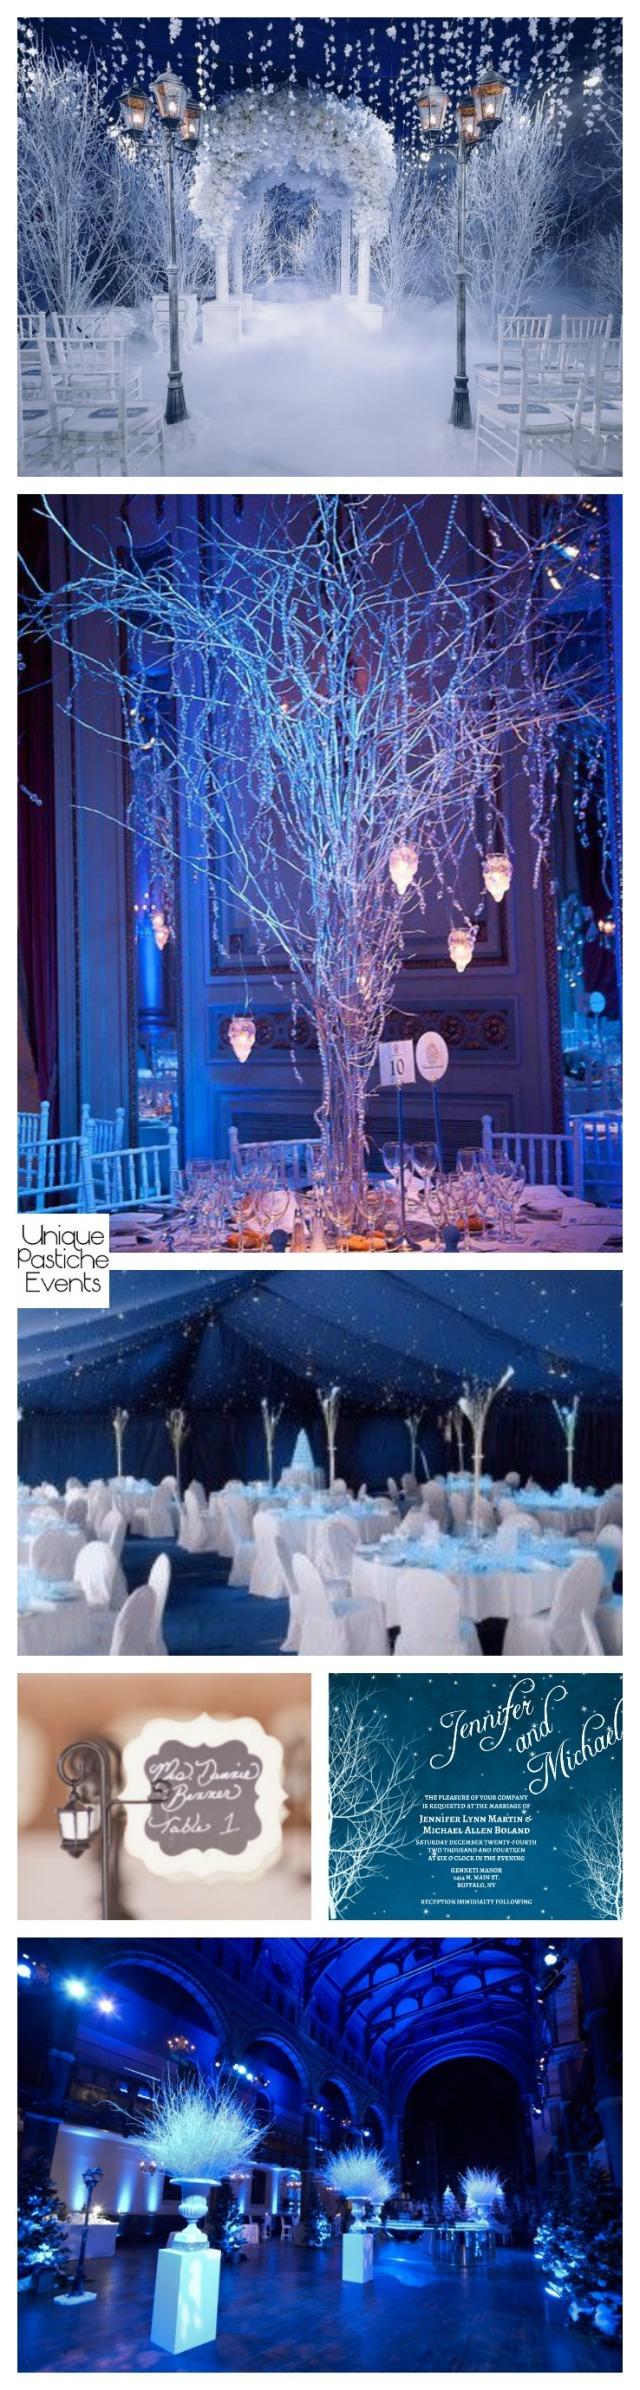 A Wedding on a Snowy Winter Night